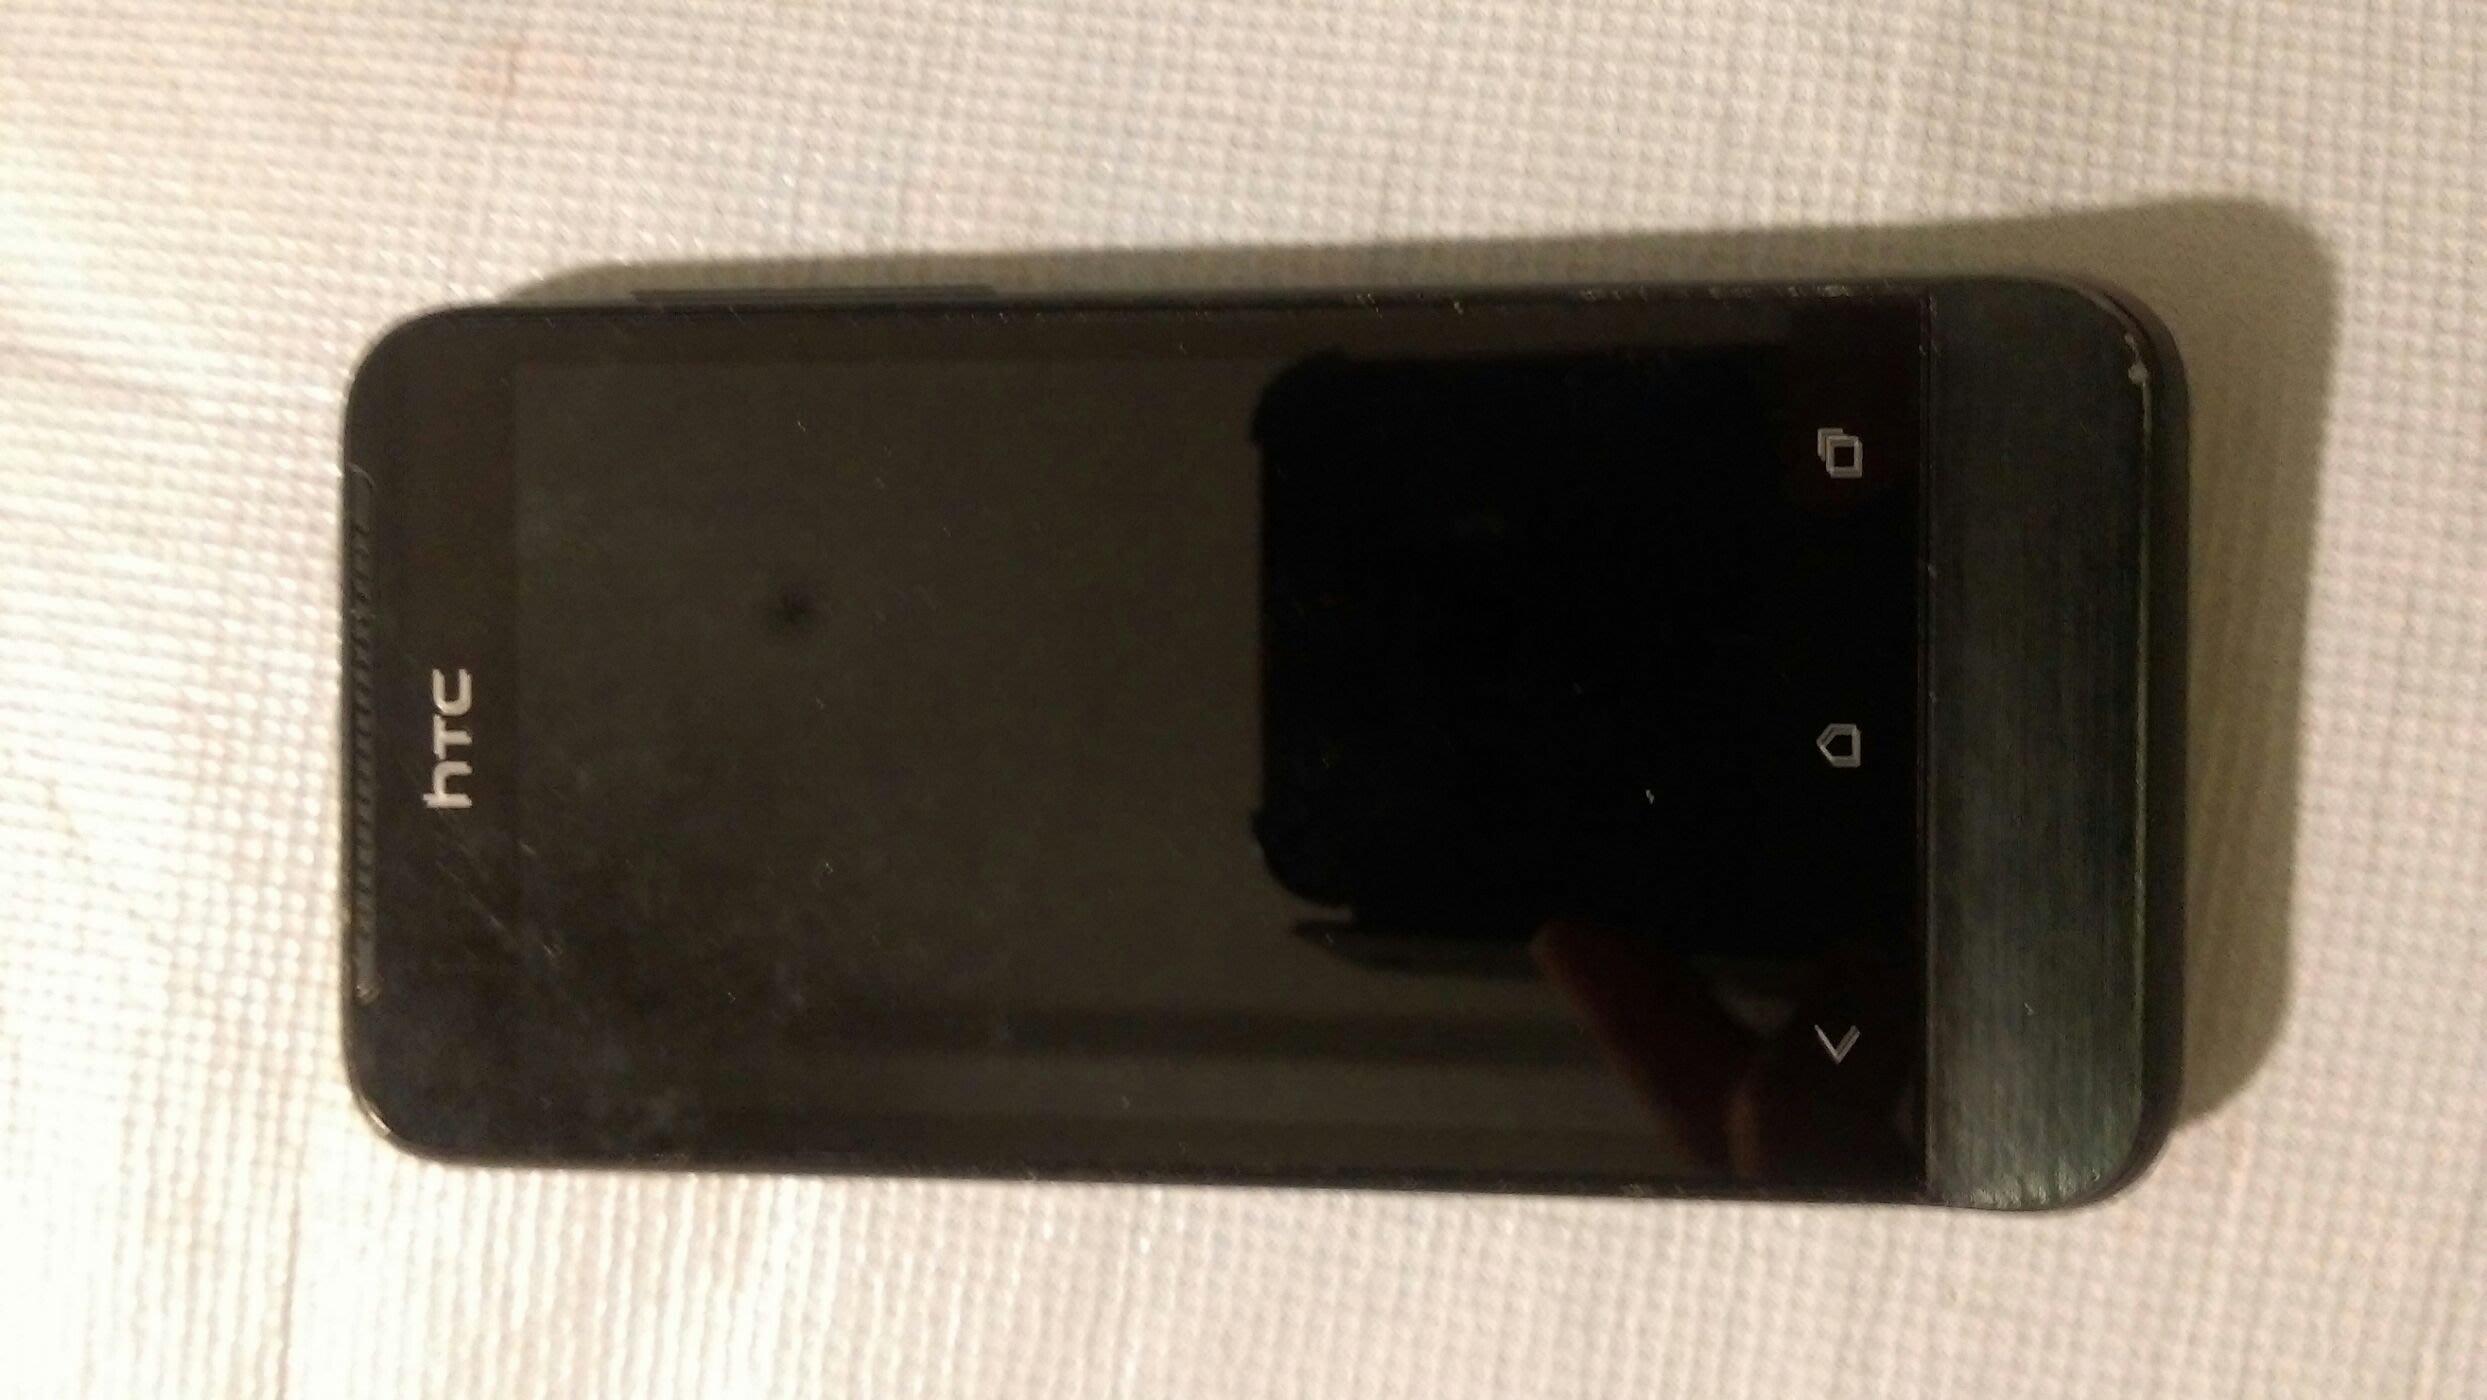 二手物品,HTC空機,無法開機